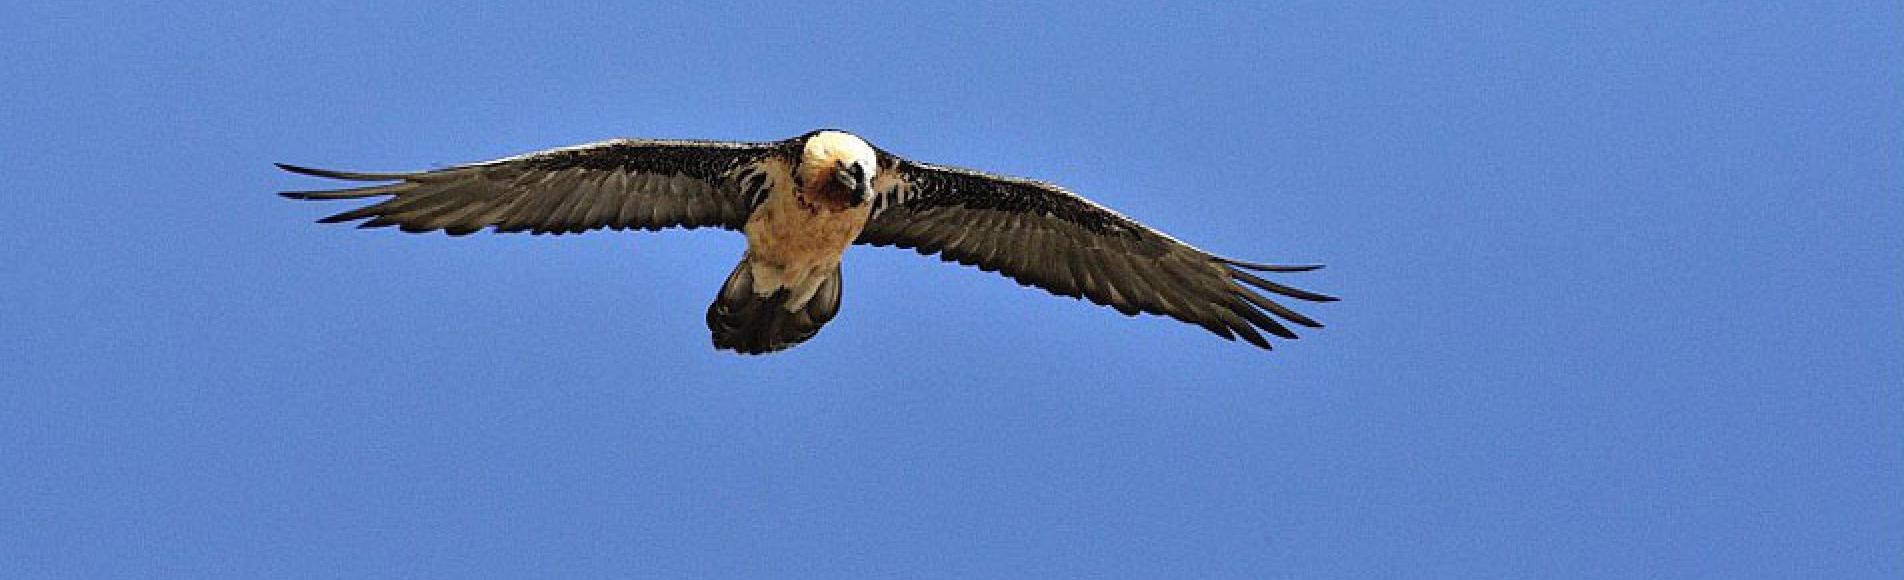 Gypaète en vol, avril 2013 - © M.Coulon- Parc national des Écrins